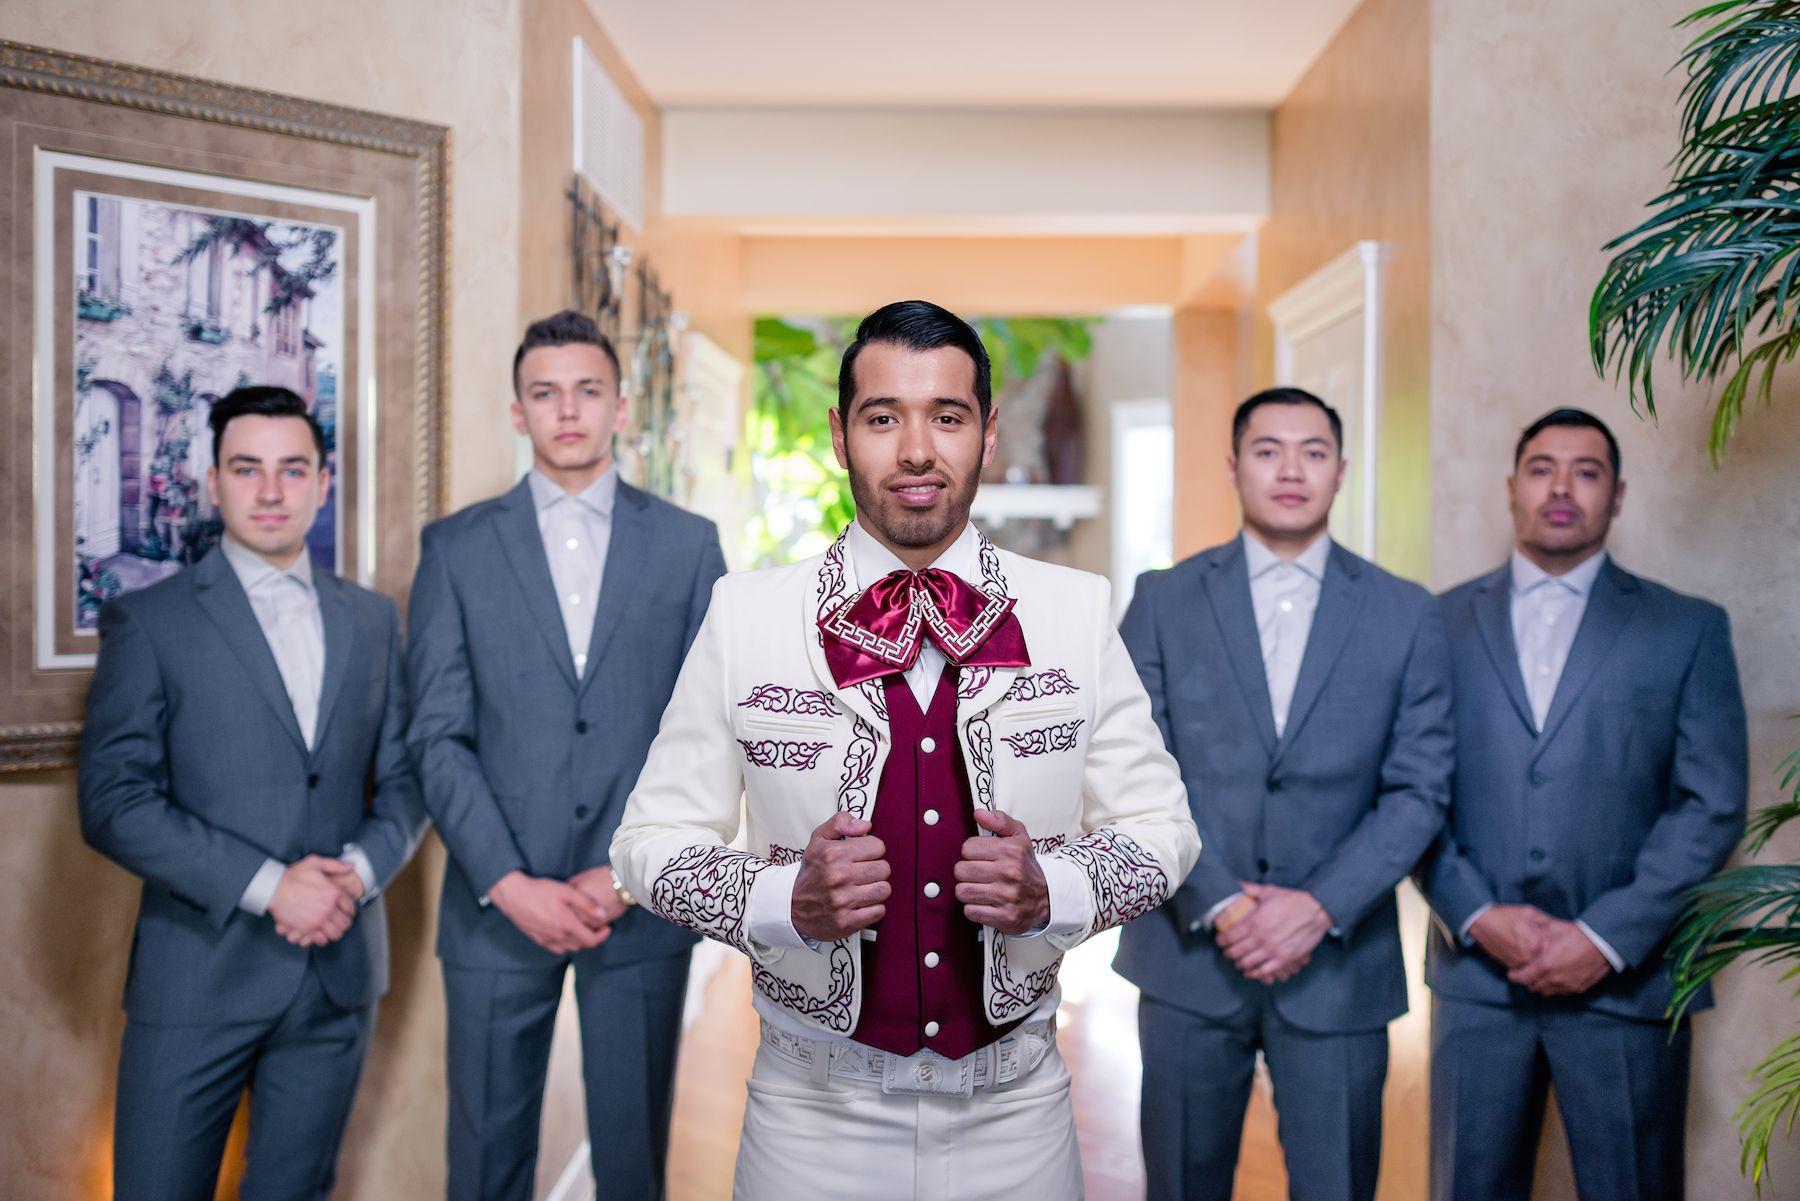 The groomsmen #groomsmen #weddingparty #wedding #groom #charro ...